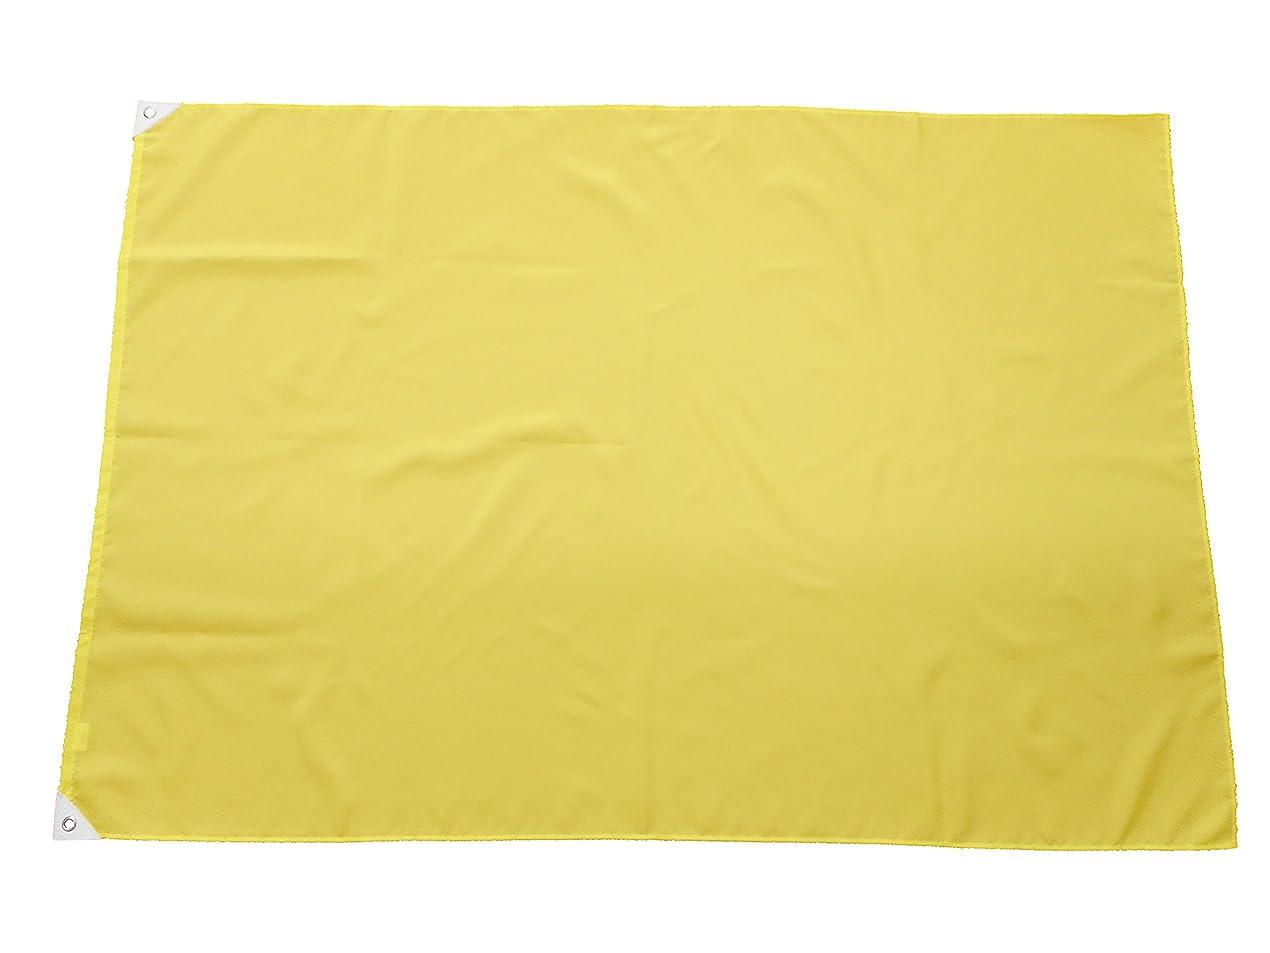 バスフリッパーネットTOMAC 紐付色旗 綿 IHC-10-01 レモン 100×150㎝